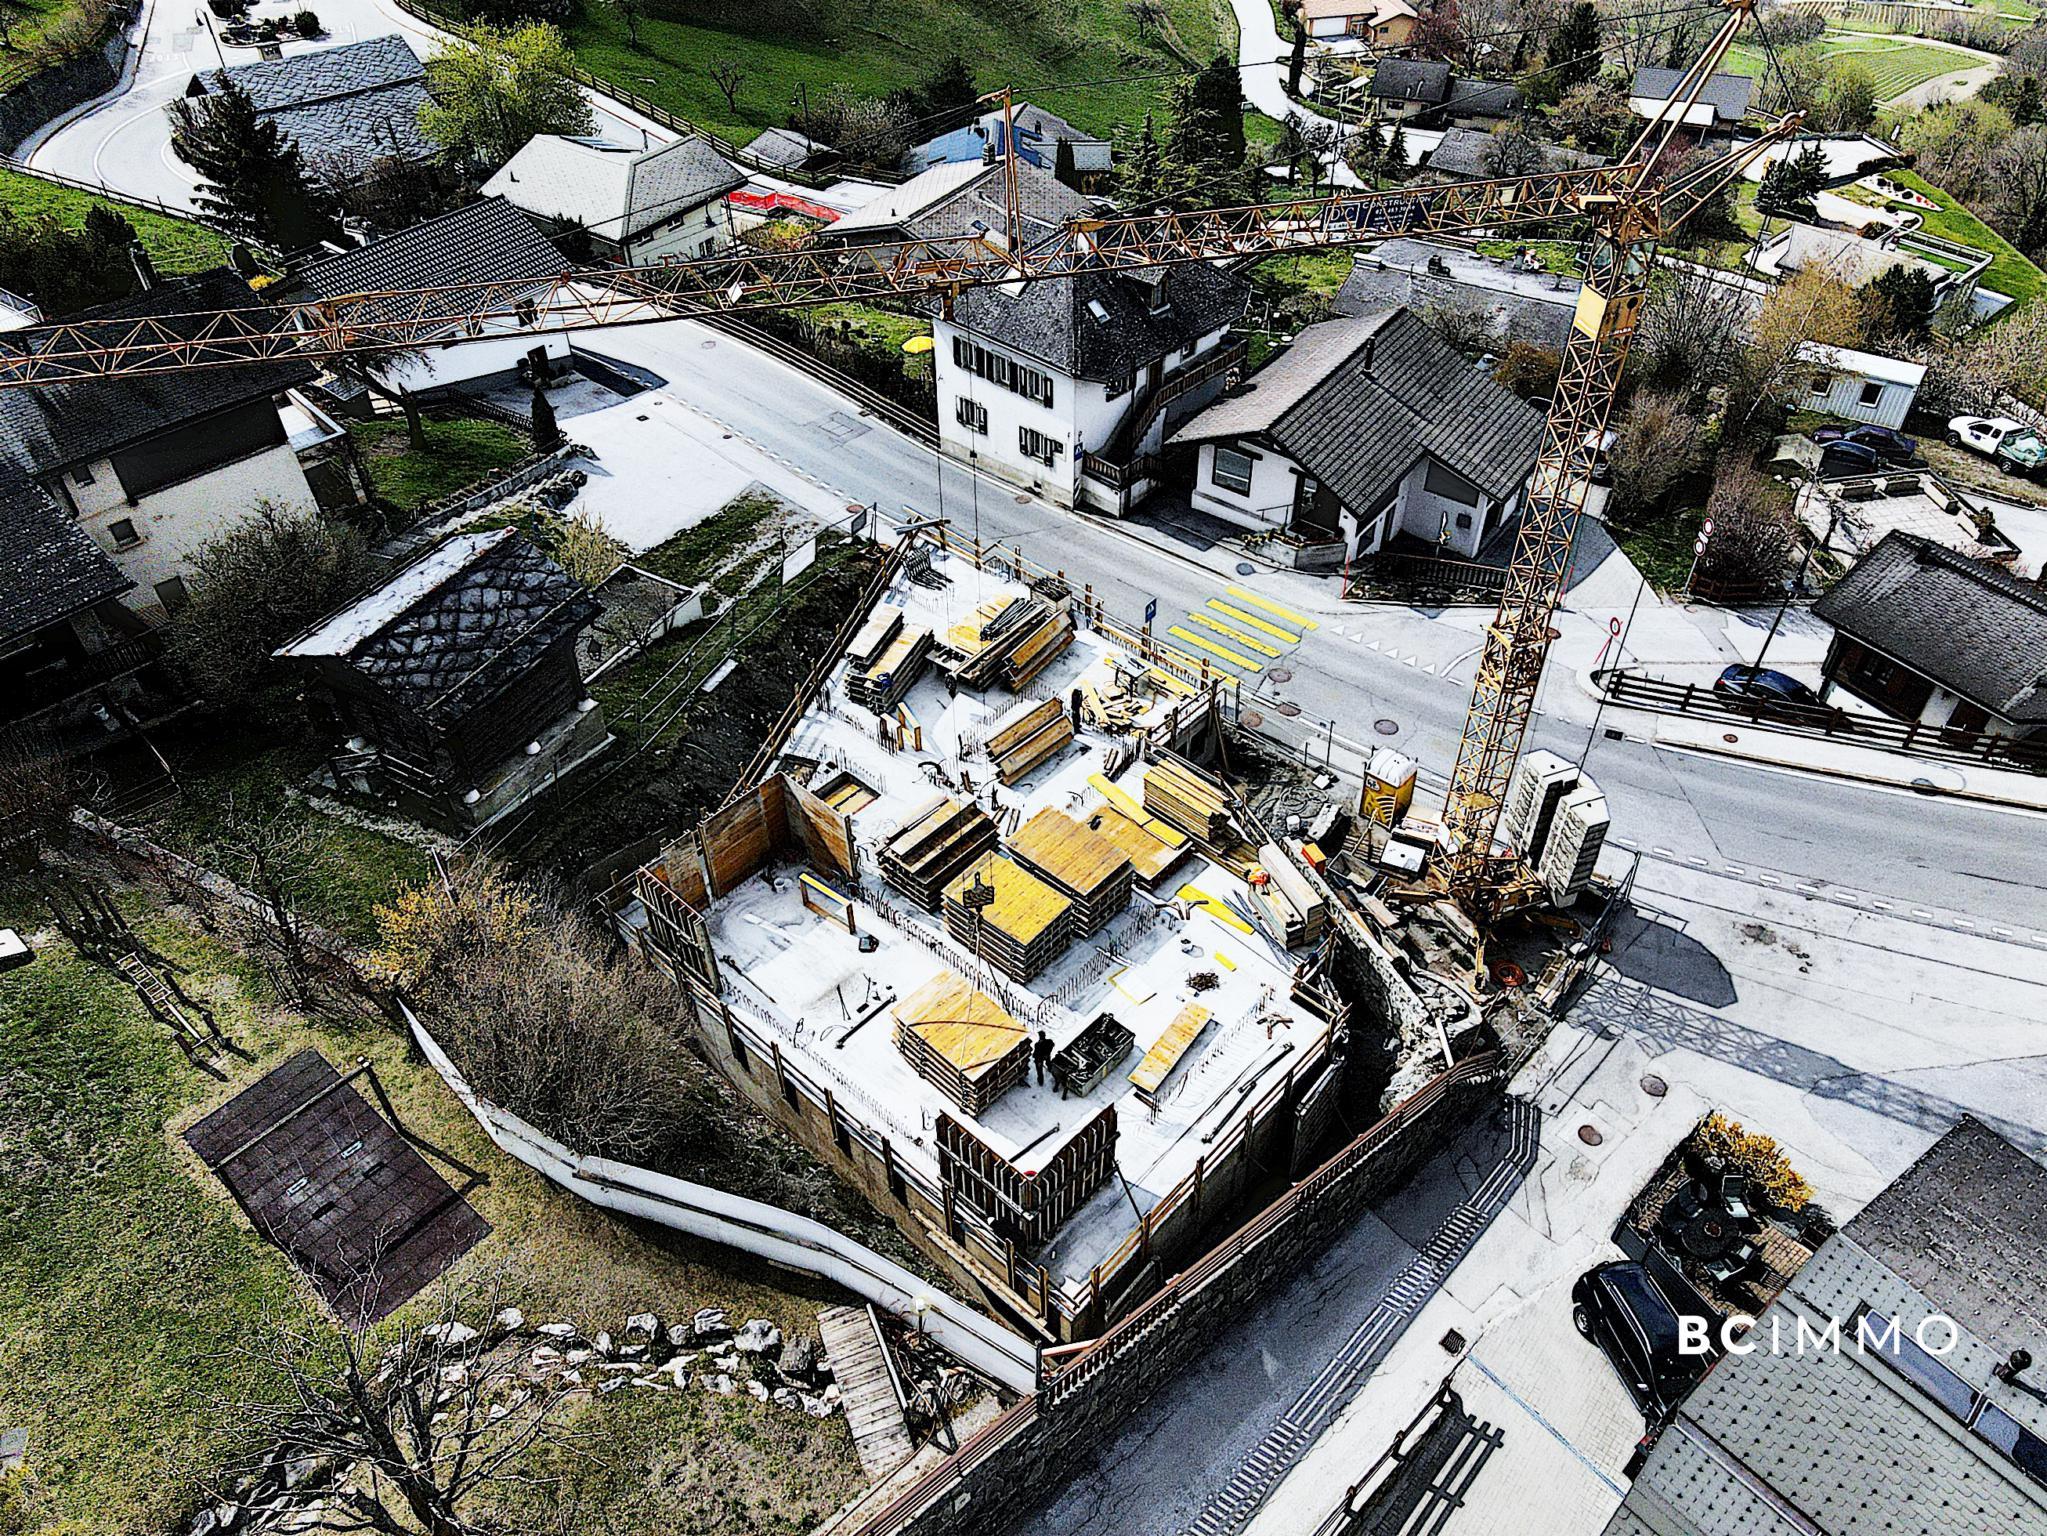 BC Immo - La Maison d'Adrien - Attique duplex 4.5 - DCICO6SAV77